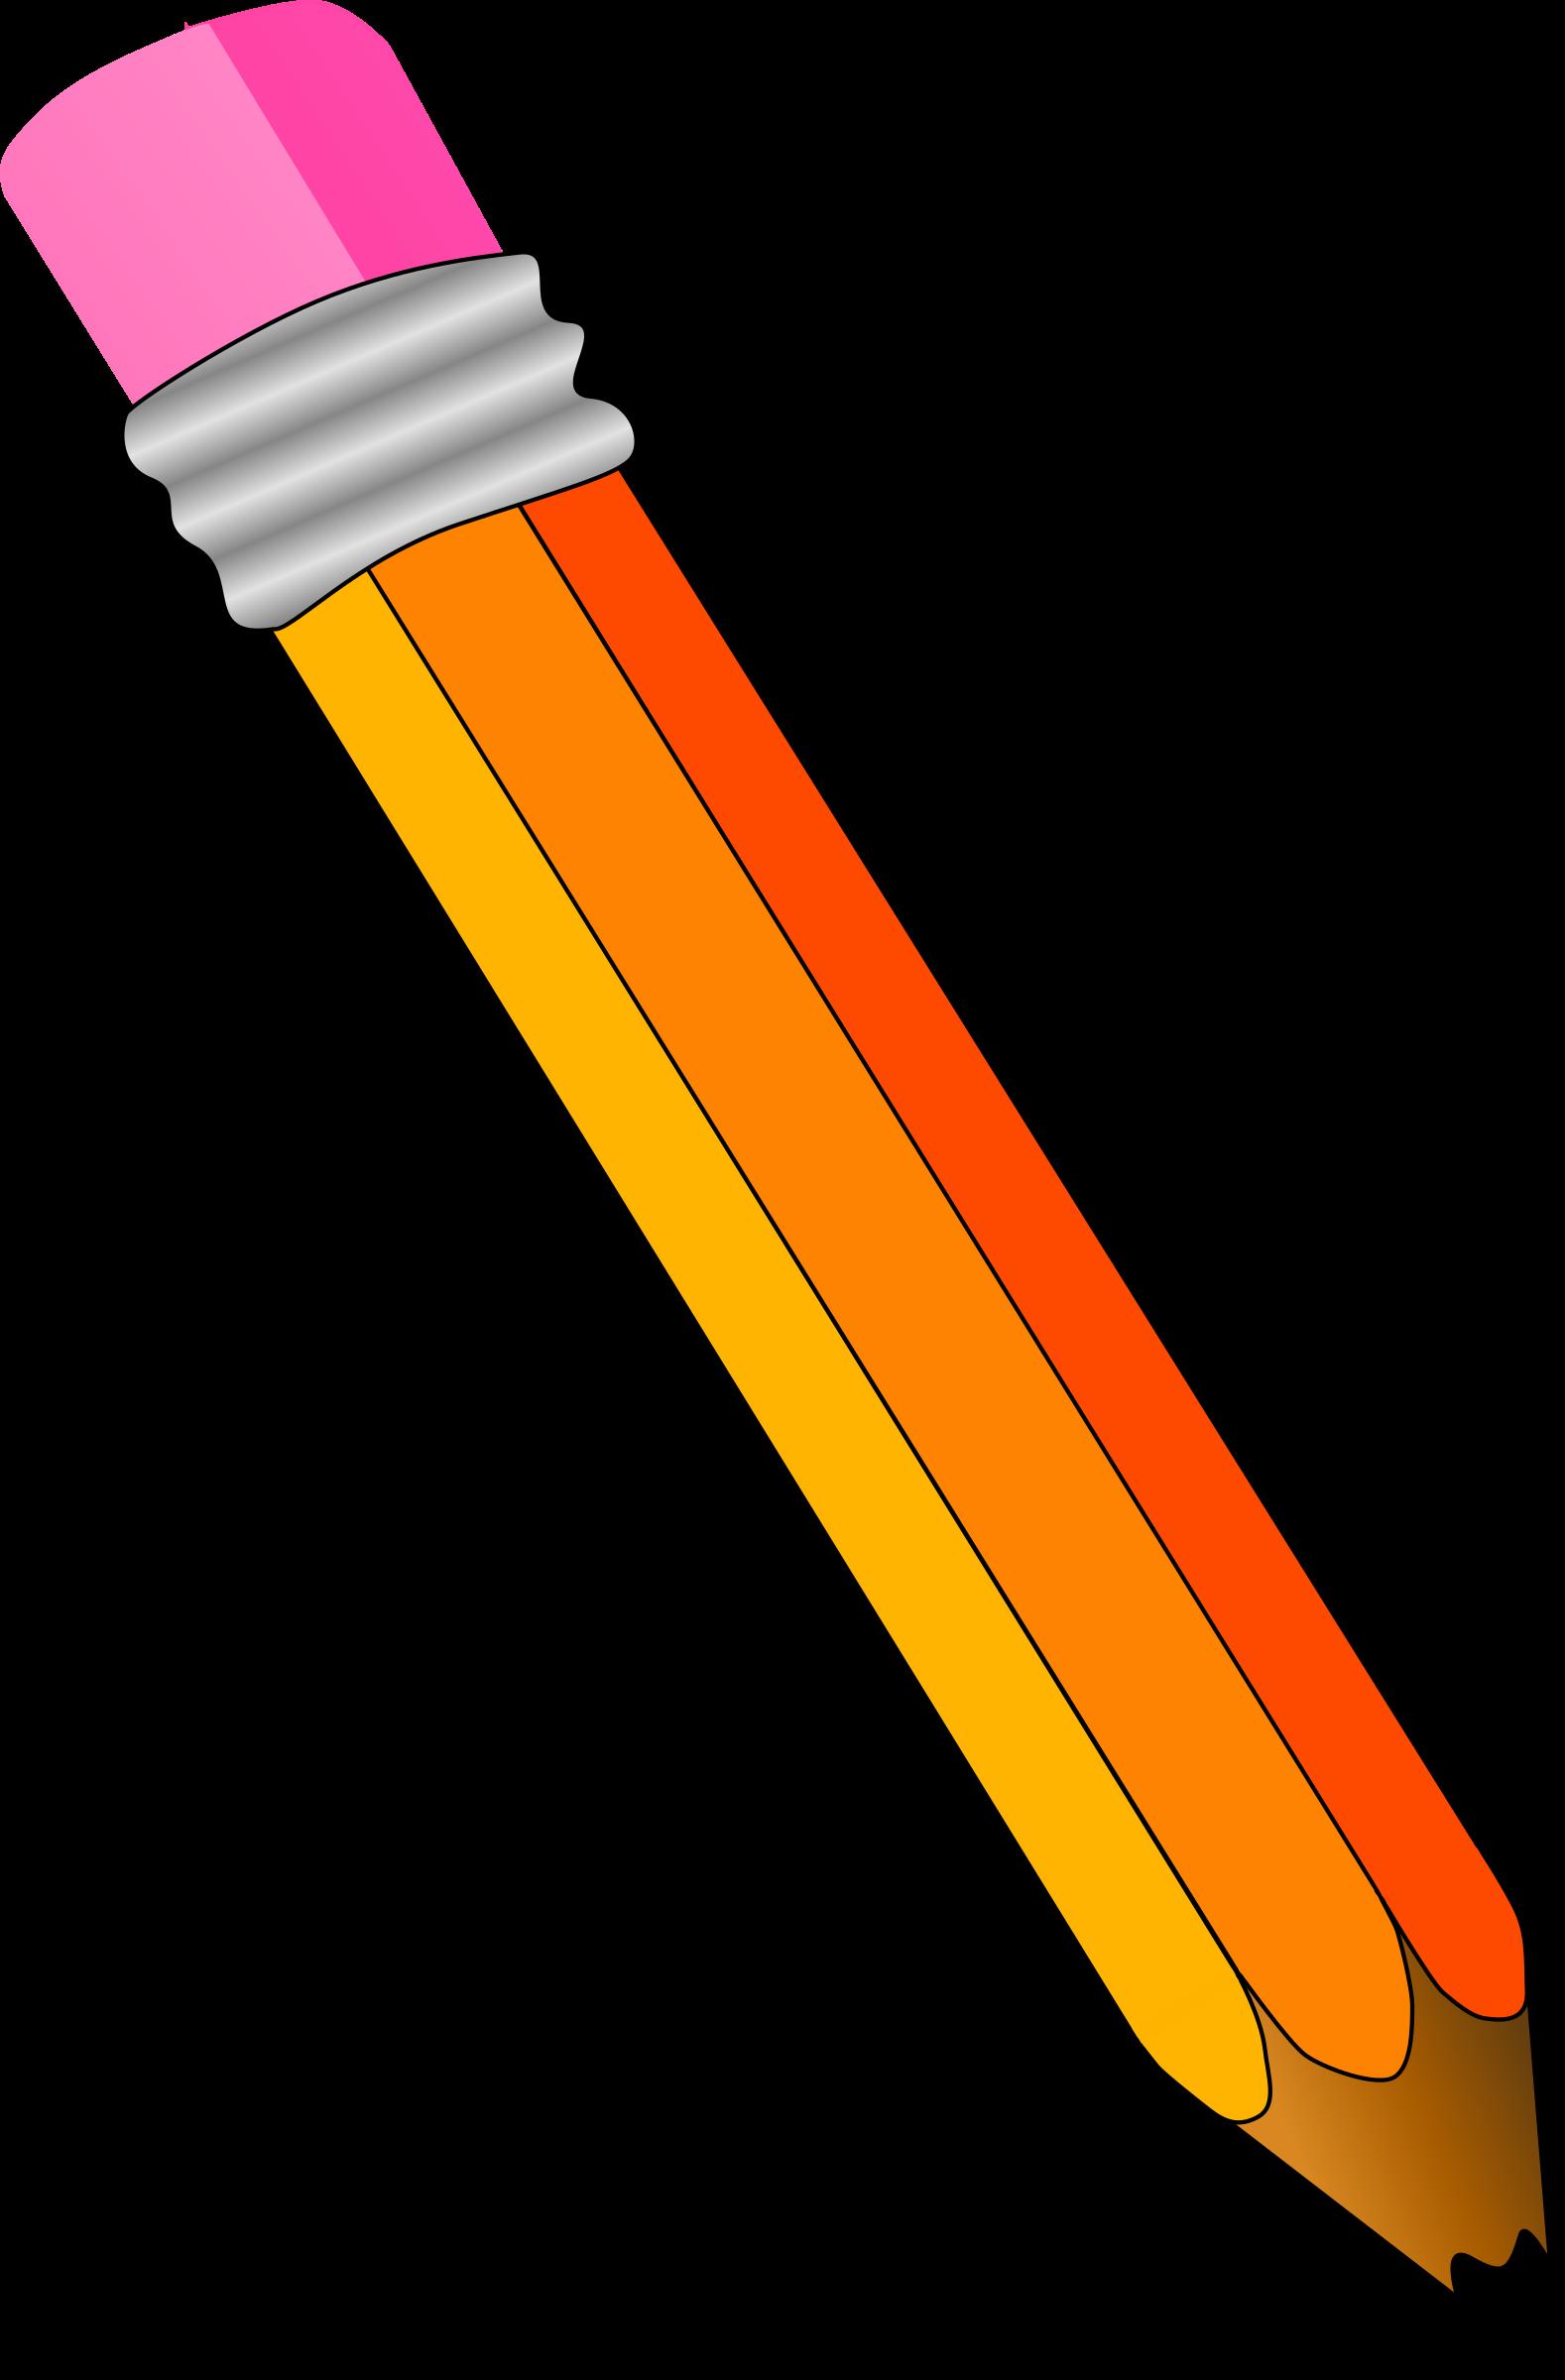 Pencil clipart. Big image png